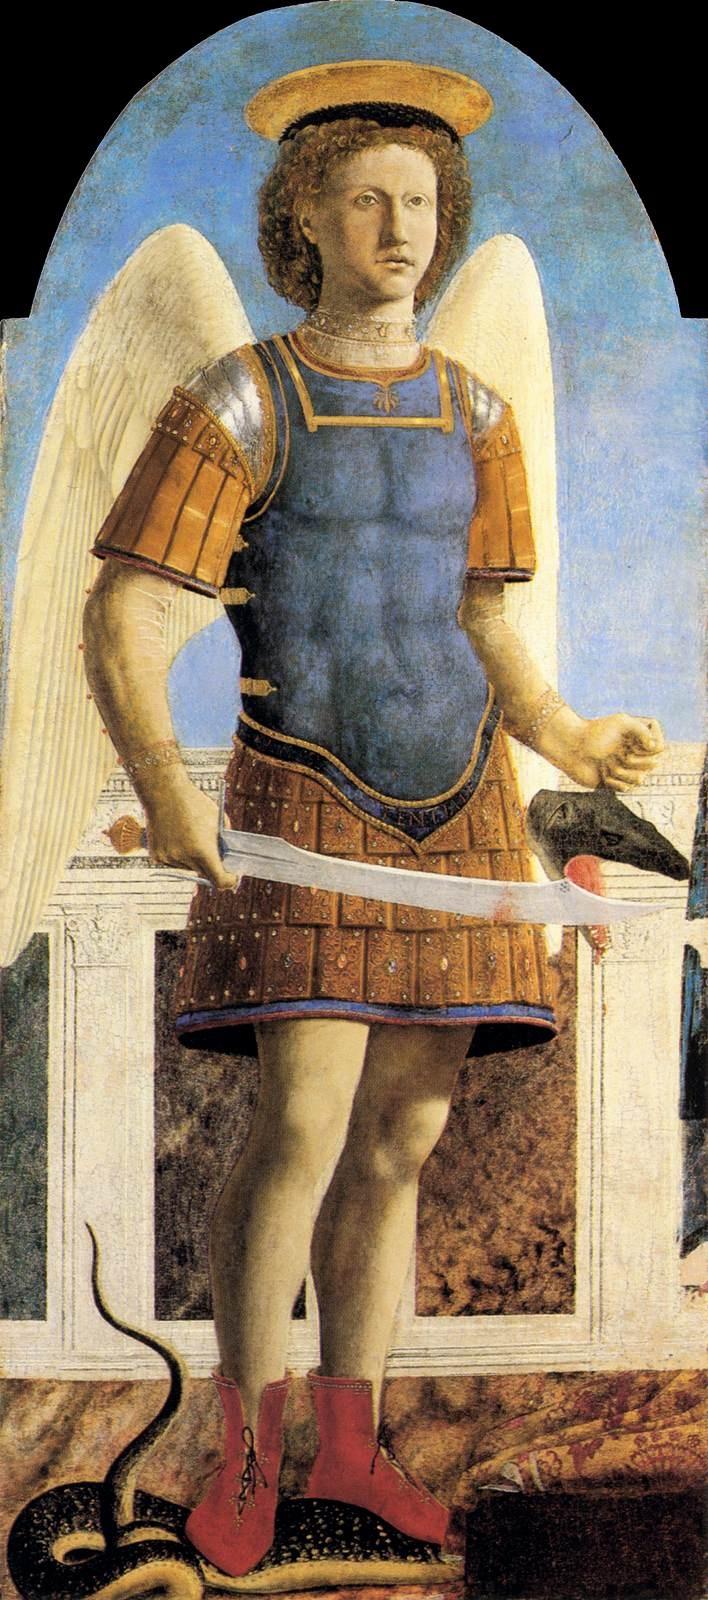 Polyptyque des Augustiniens - Saint Michel Archange Piero Della Francesca 1454-1469 Technique Tempera 133x60cm Exposé à Londres (Angleterre) au National Gallery